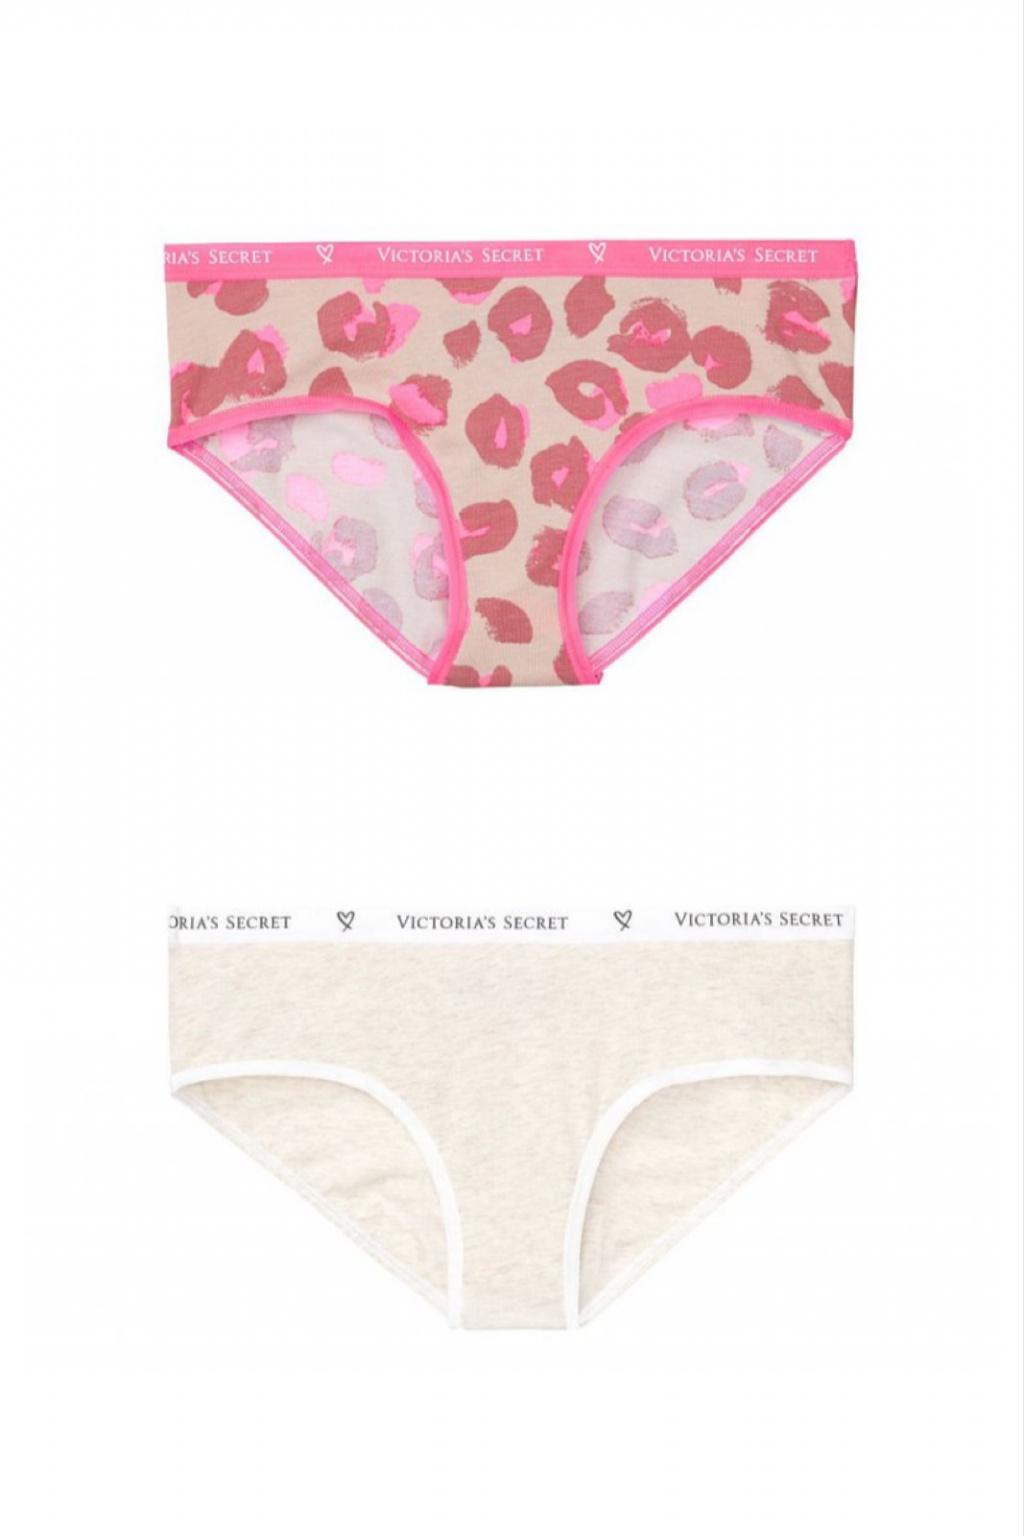 Bokové kalhotky Victoria's Secret – Hiphugger Panty – pattern, outmeal